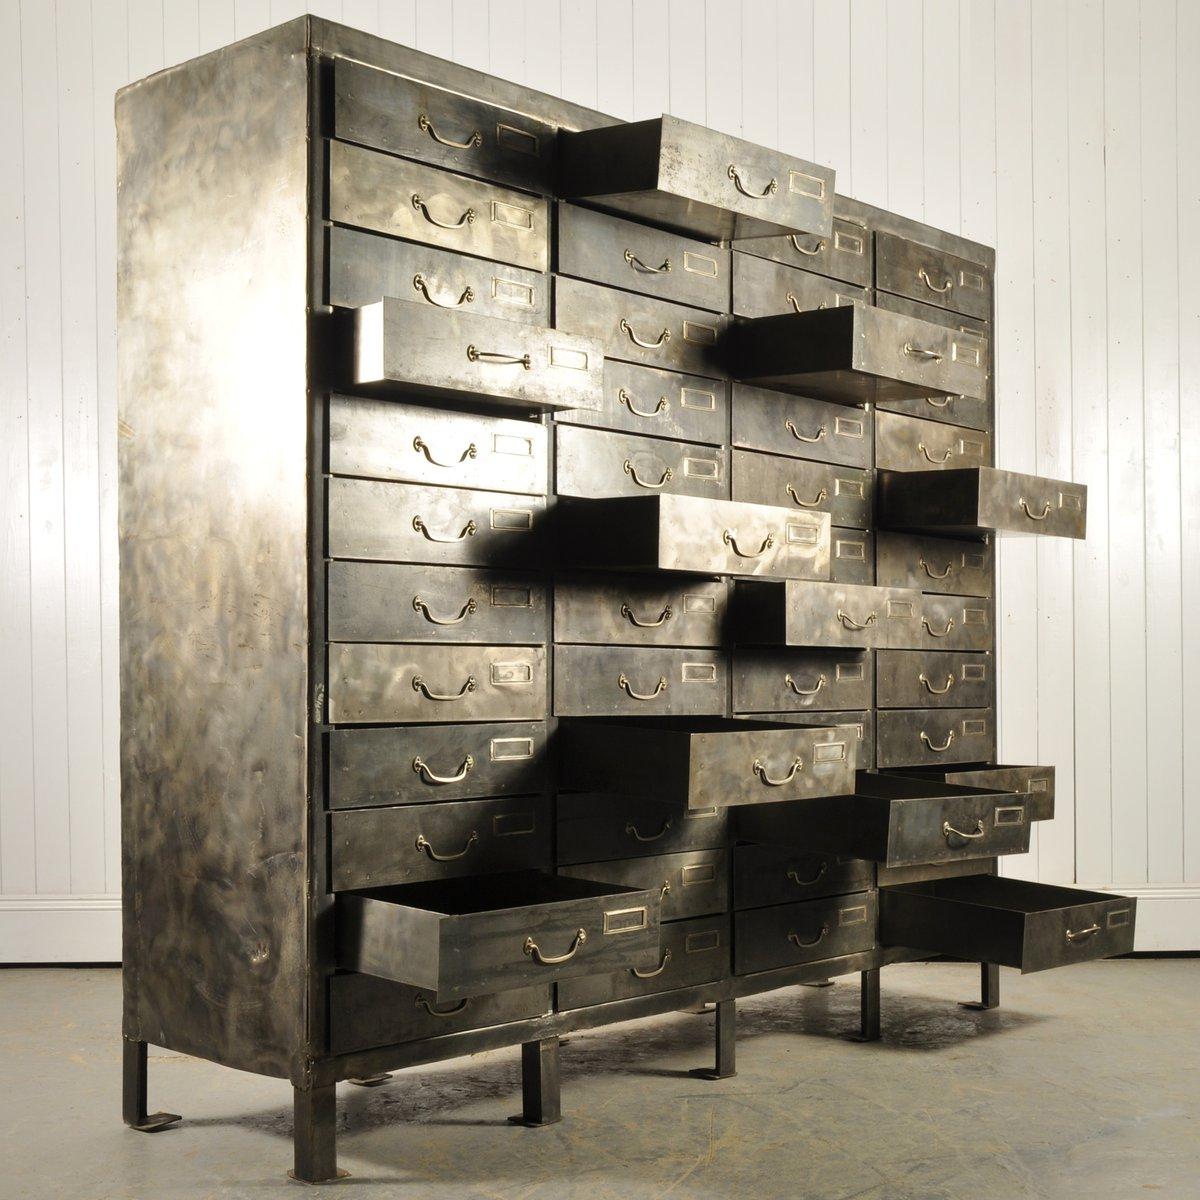 armoire industrielle en acier poli avec tiroirs en vente. Black Bedroom Furniture Sets. Home Design Ideas